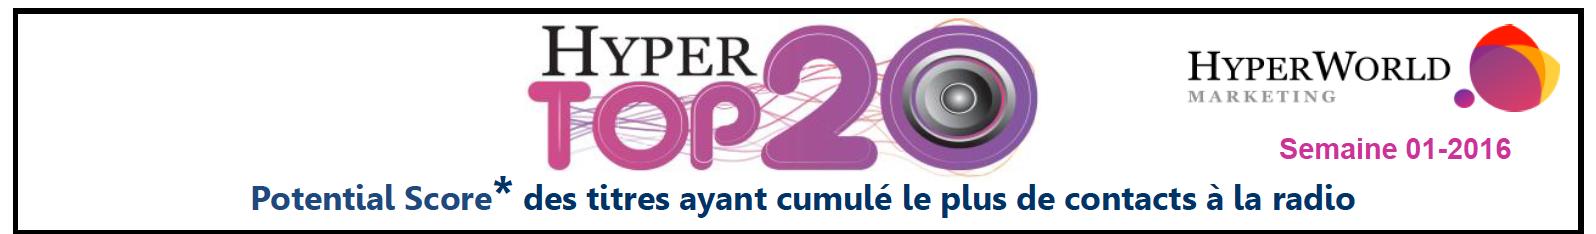 HyperTop20 - Semaine 01-2016. Le dessous des cartes de Yacast